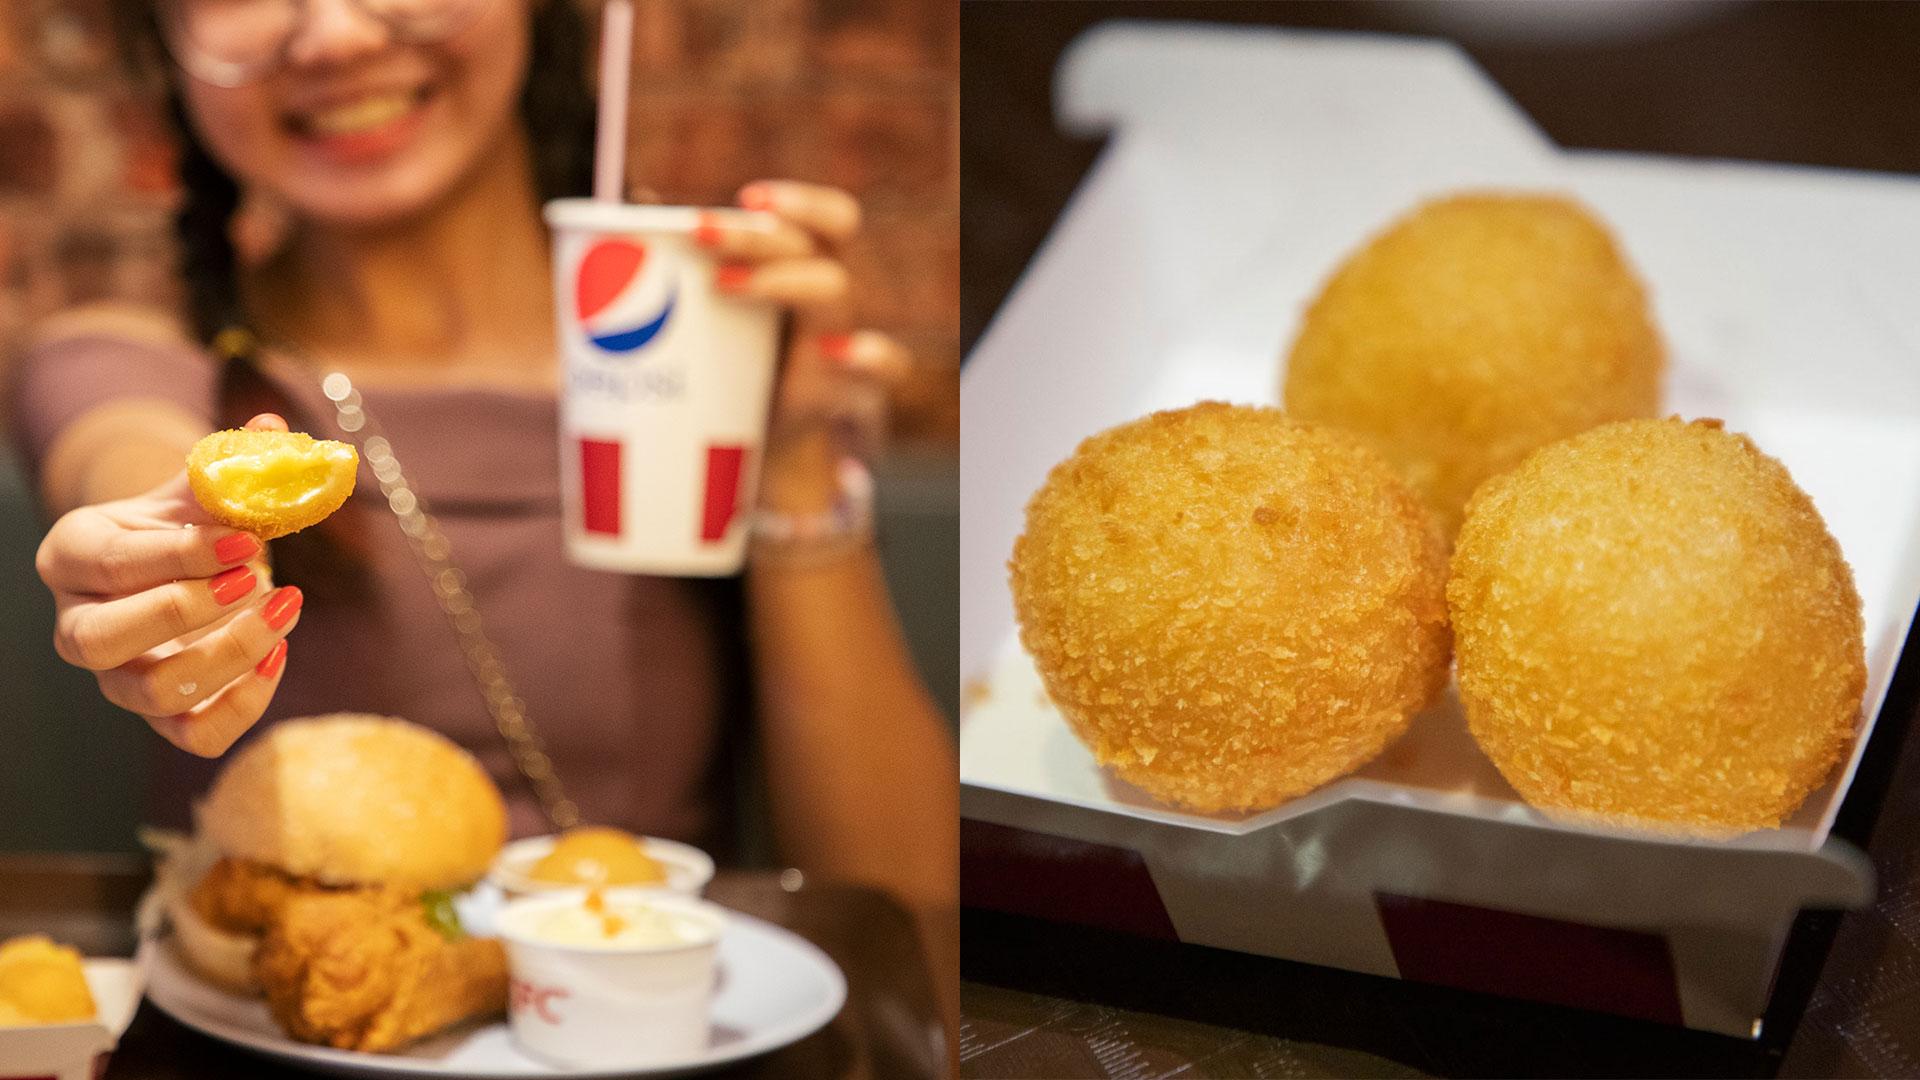 ស្រួយពីខាងក្រៅ ទន់ខាប់ពីខាងក្នុង រសជាតិថ្មីនេះមានក្នុង KFC Durian Balls